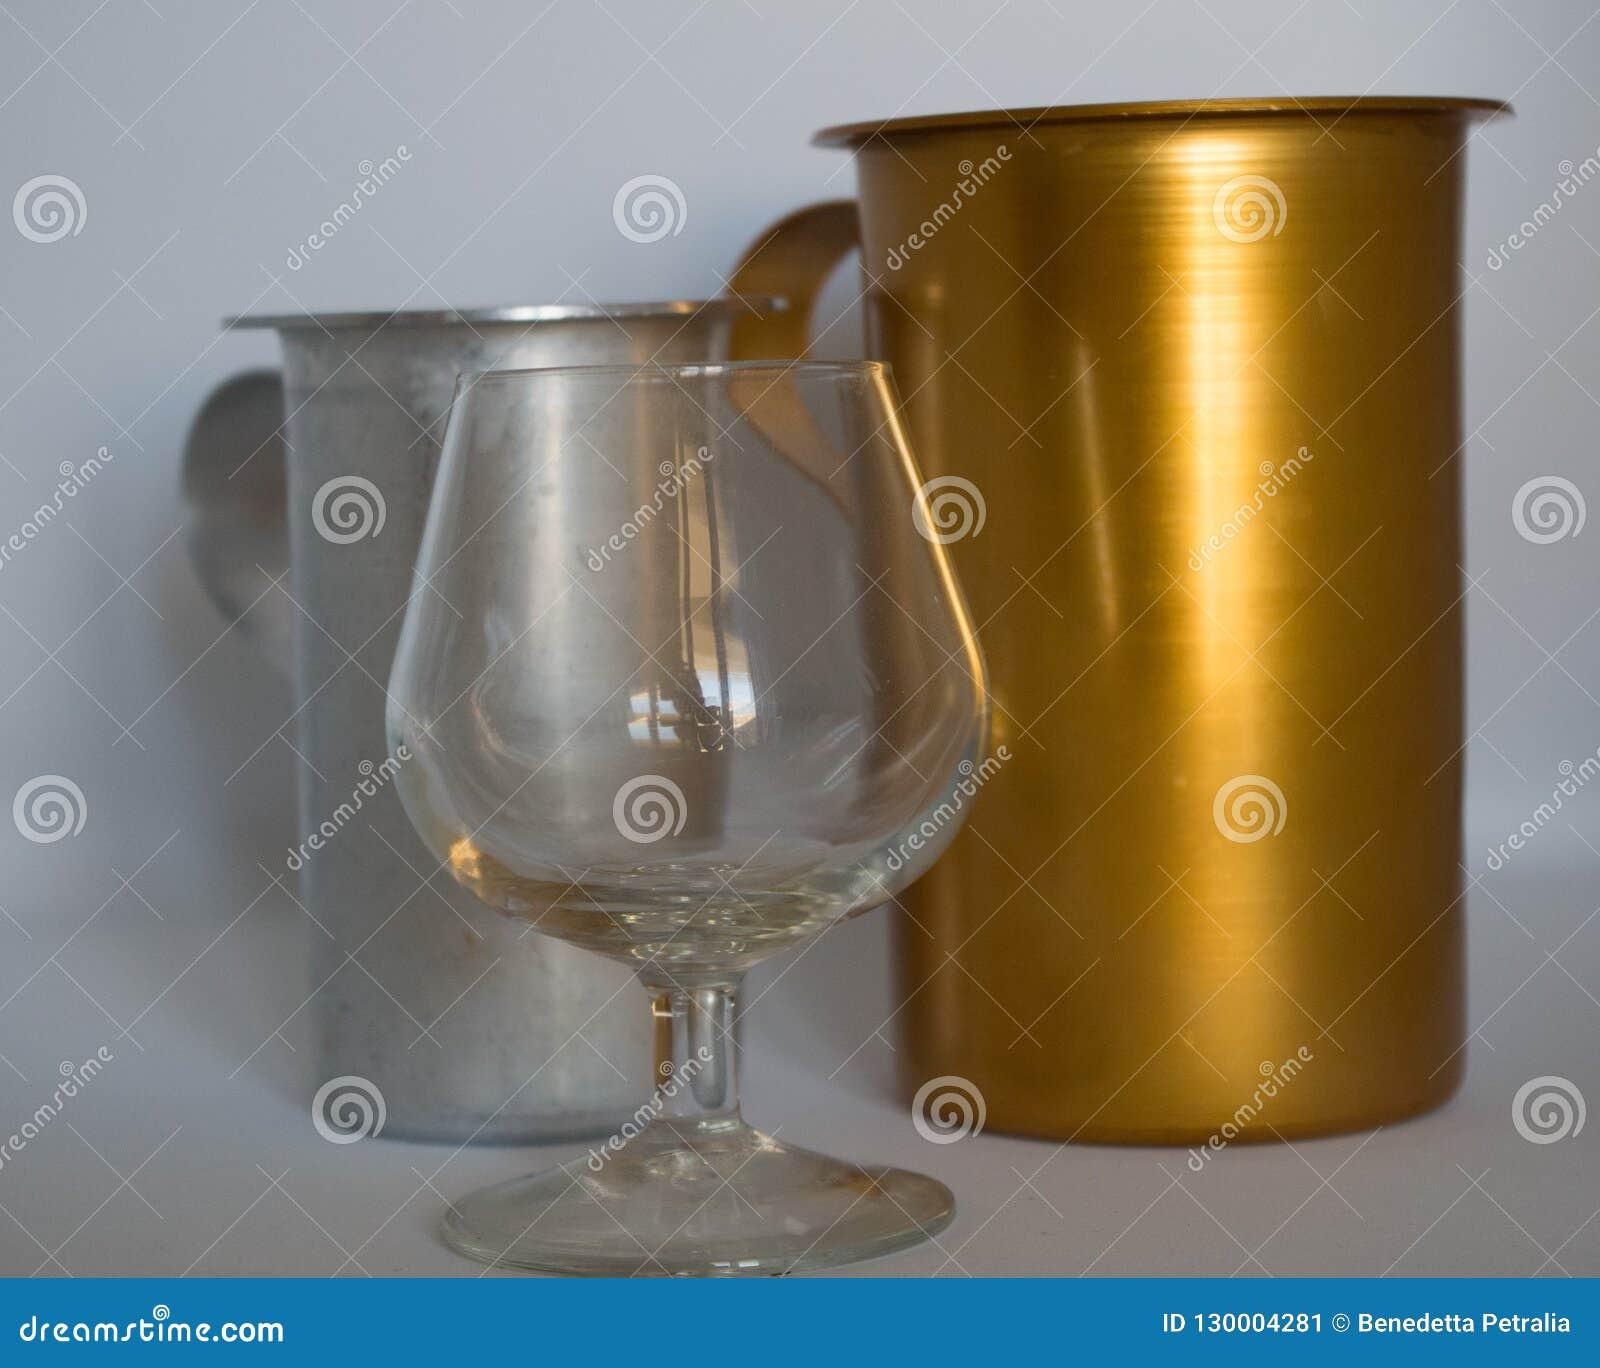 Χρυσή και αργυροειδής στάμνα με το γυαλί κονιάκ κενό στο άσπρο υπόβαθρο